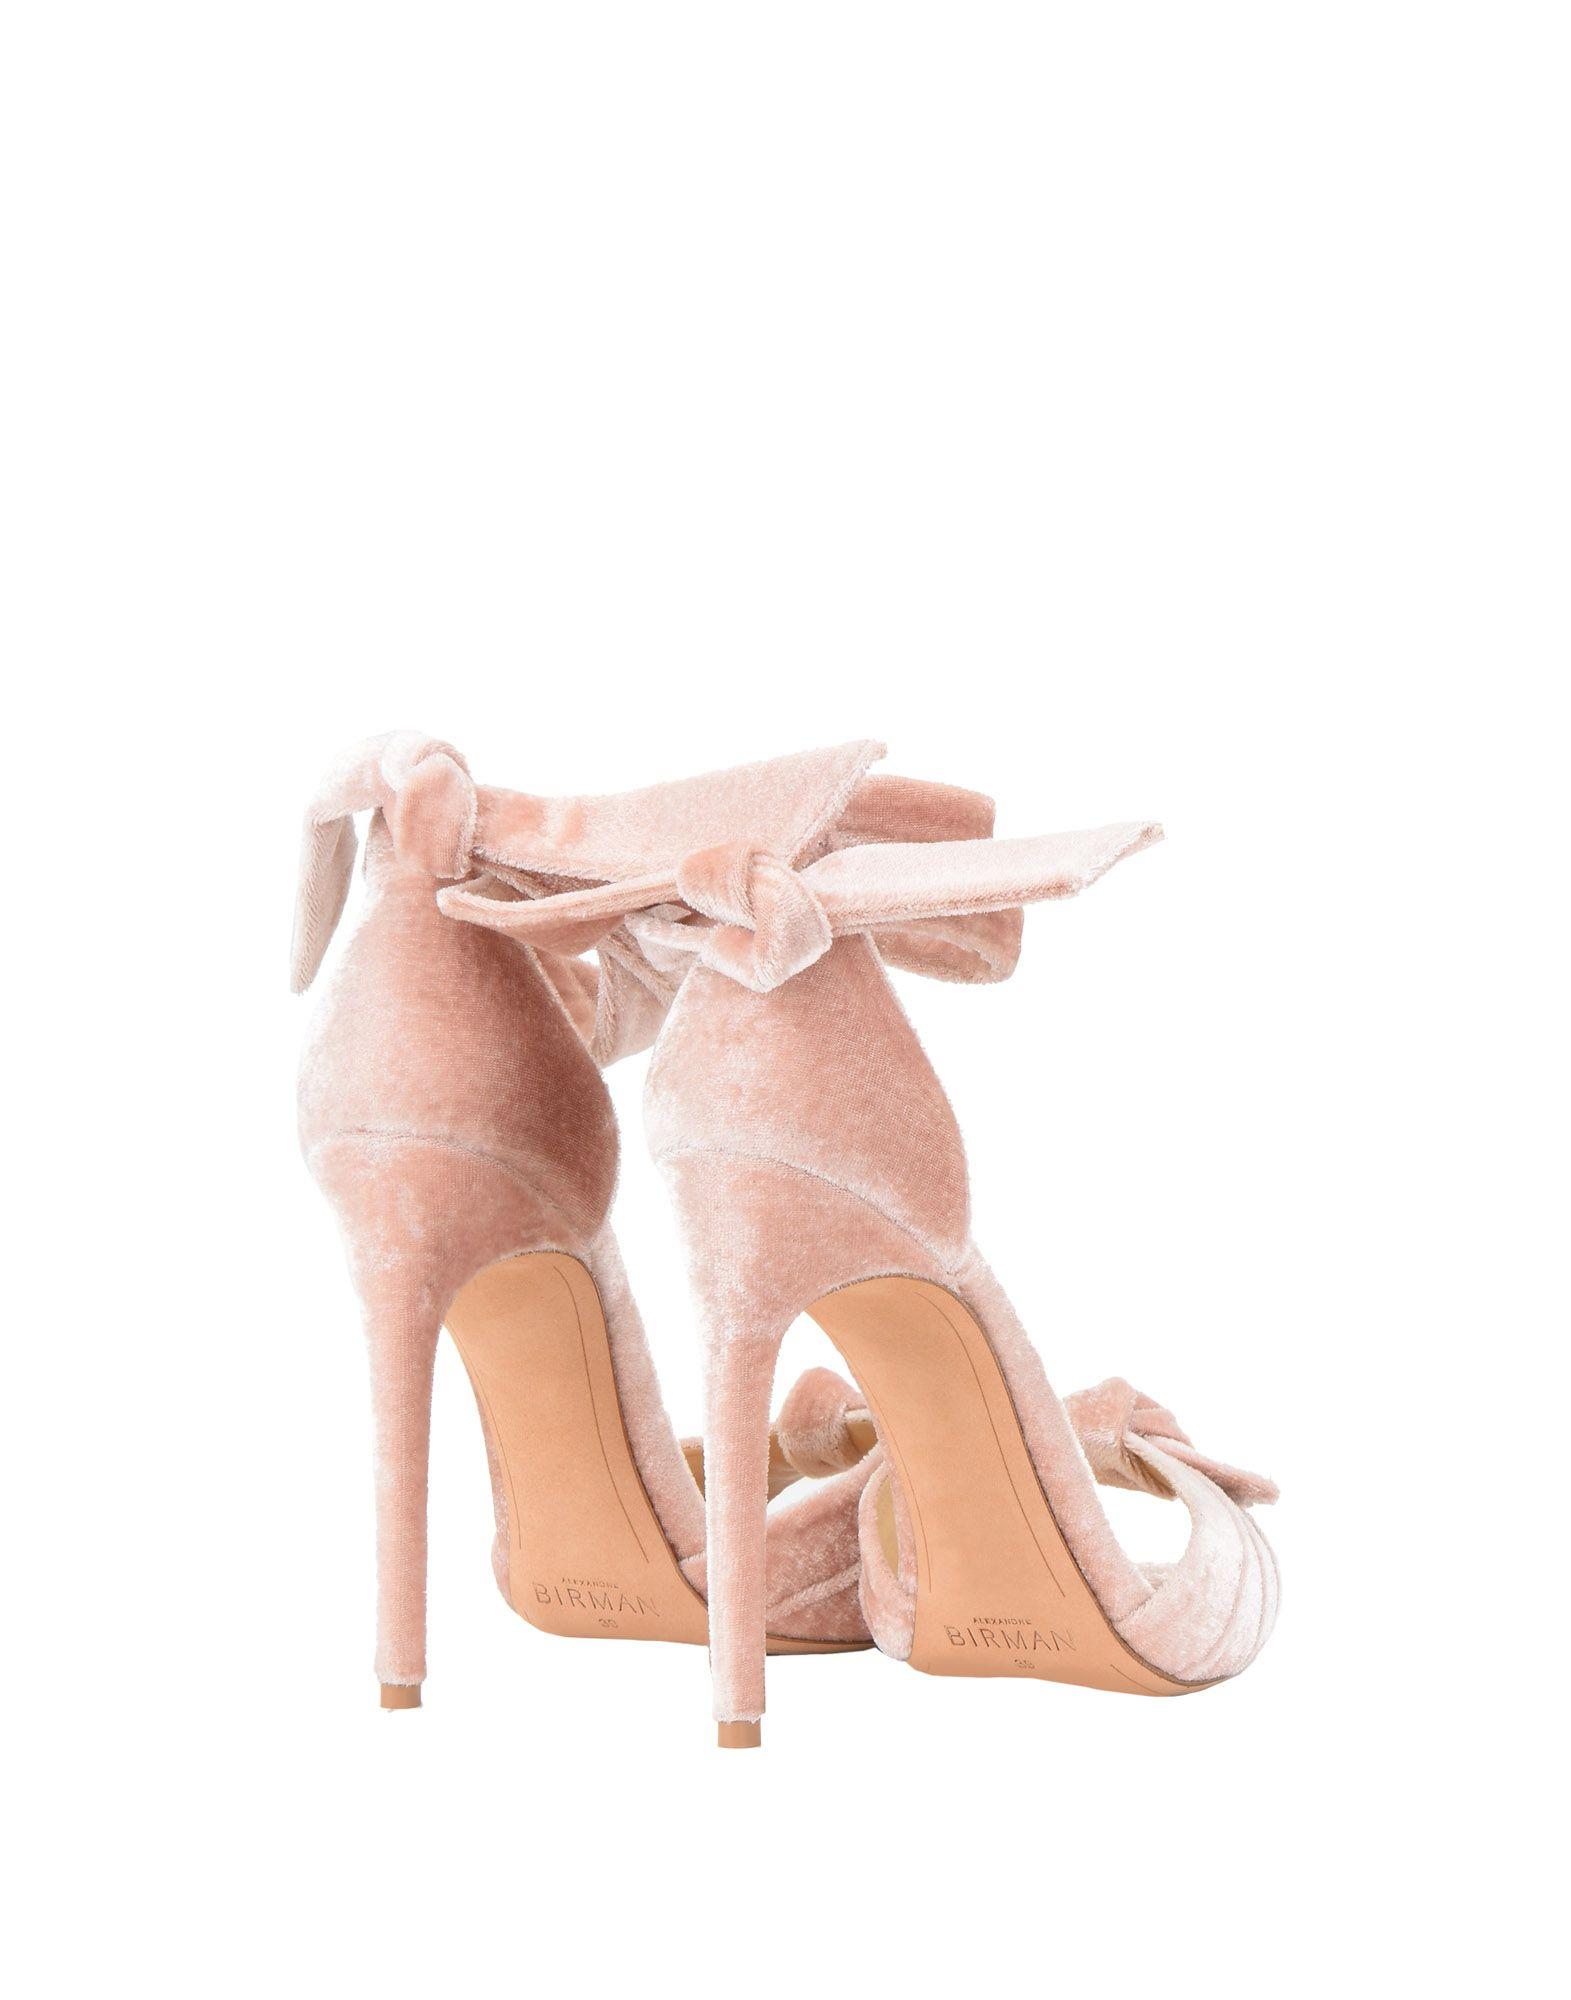 Rabatt Schuhe Birman Alexandre Birman Schuhe Sandalen Damen 11485982CH 66a252